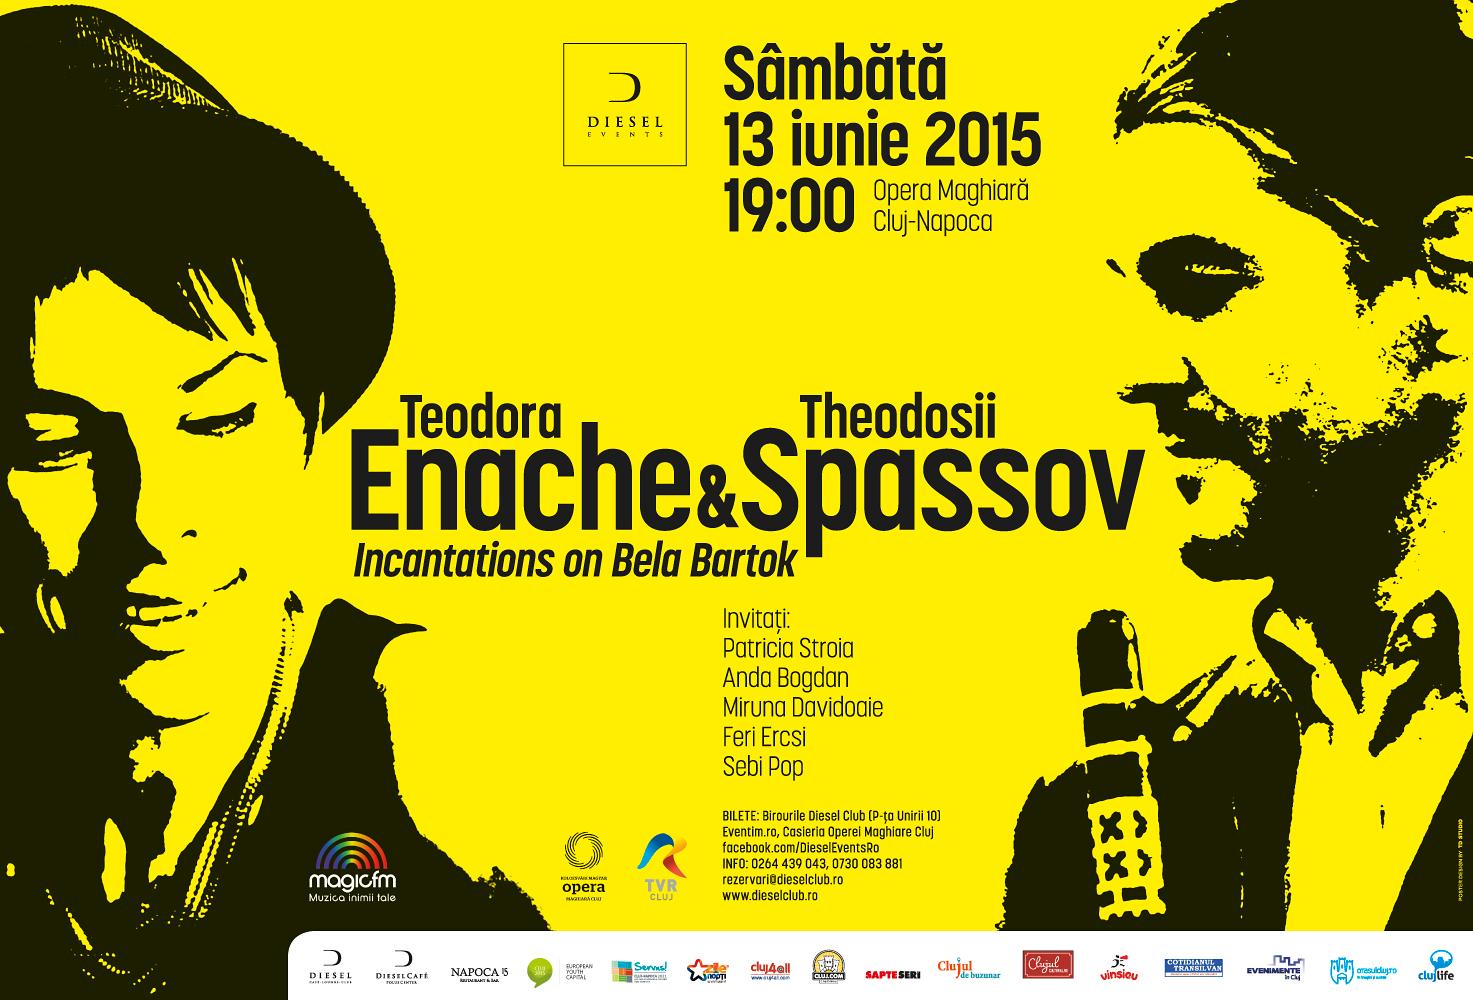 Afis Teodora Enache & Theodosii Spassov